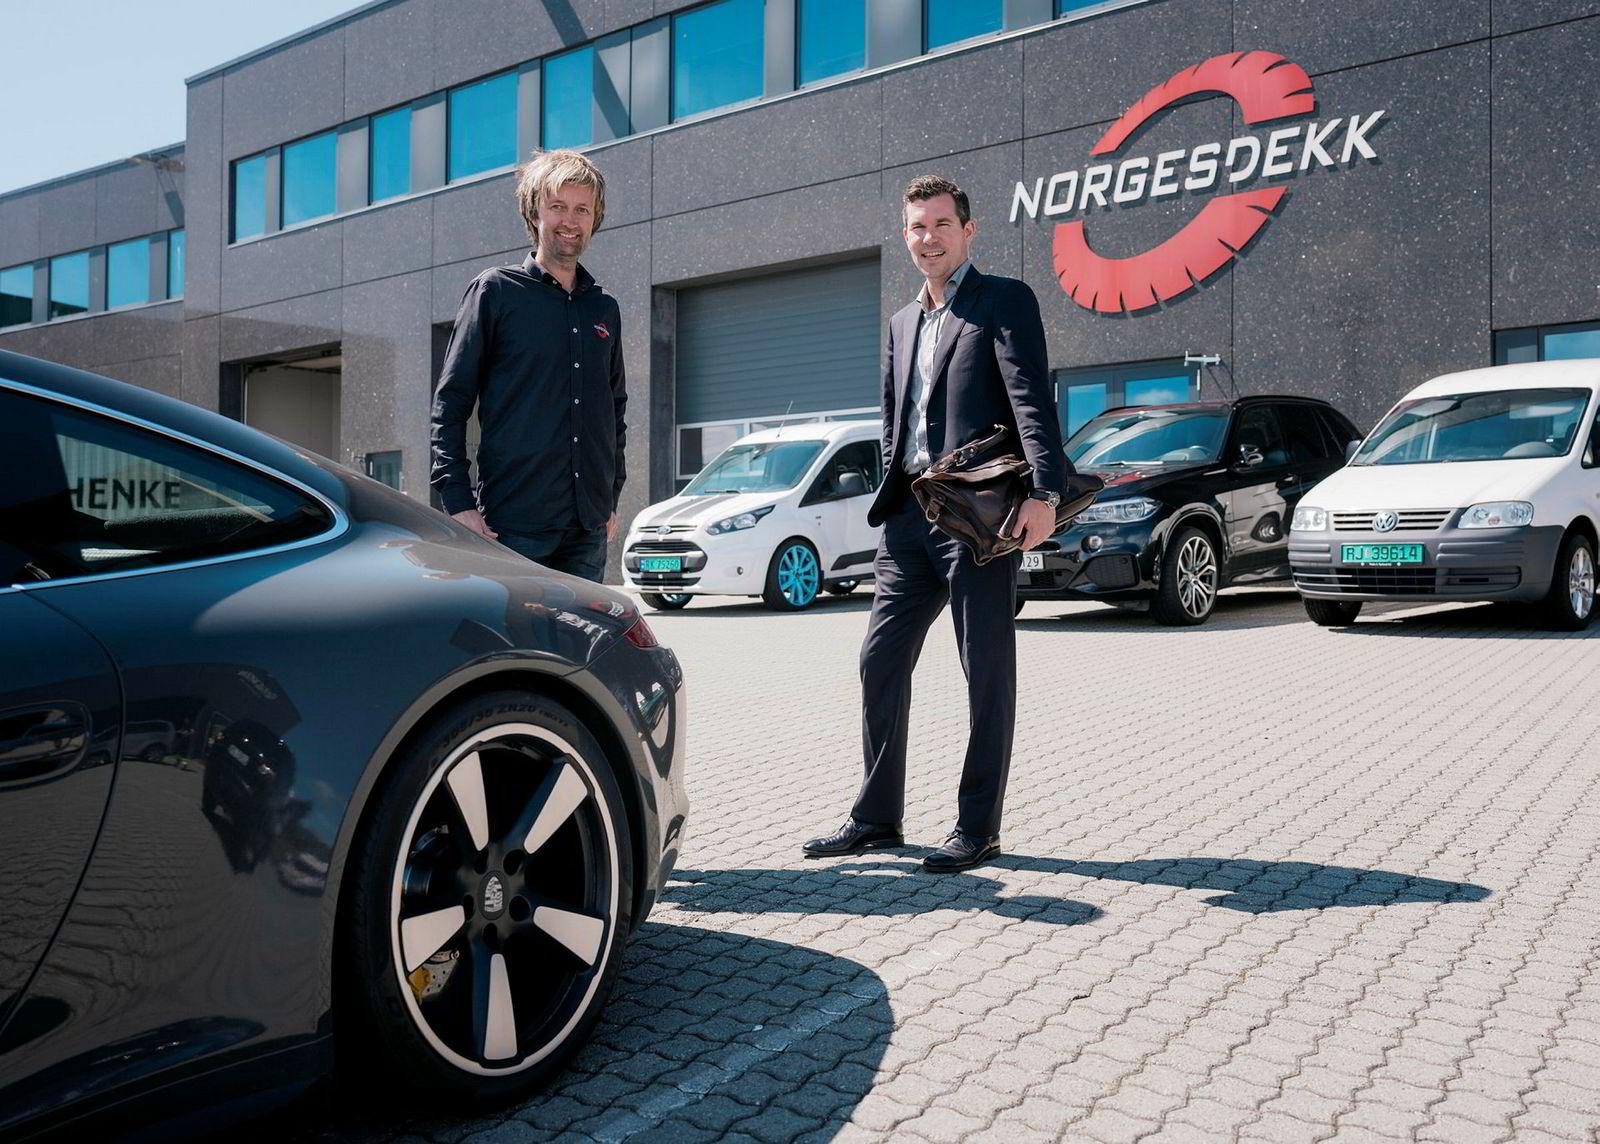 Sindre Ertvaag i Camar (til høyre) kjøper seg inn i Norgesdekk. Han har overtatt Porschen på bildet av sin far John Arild Ertvaag. Til venstre Jone Stangeland.